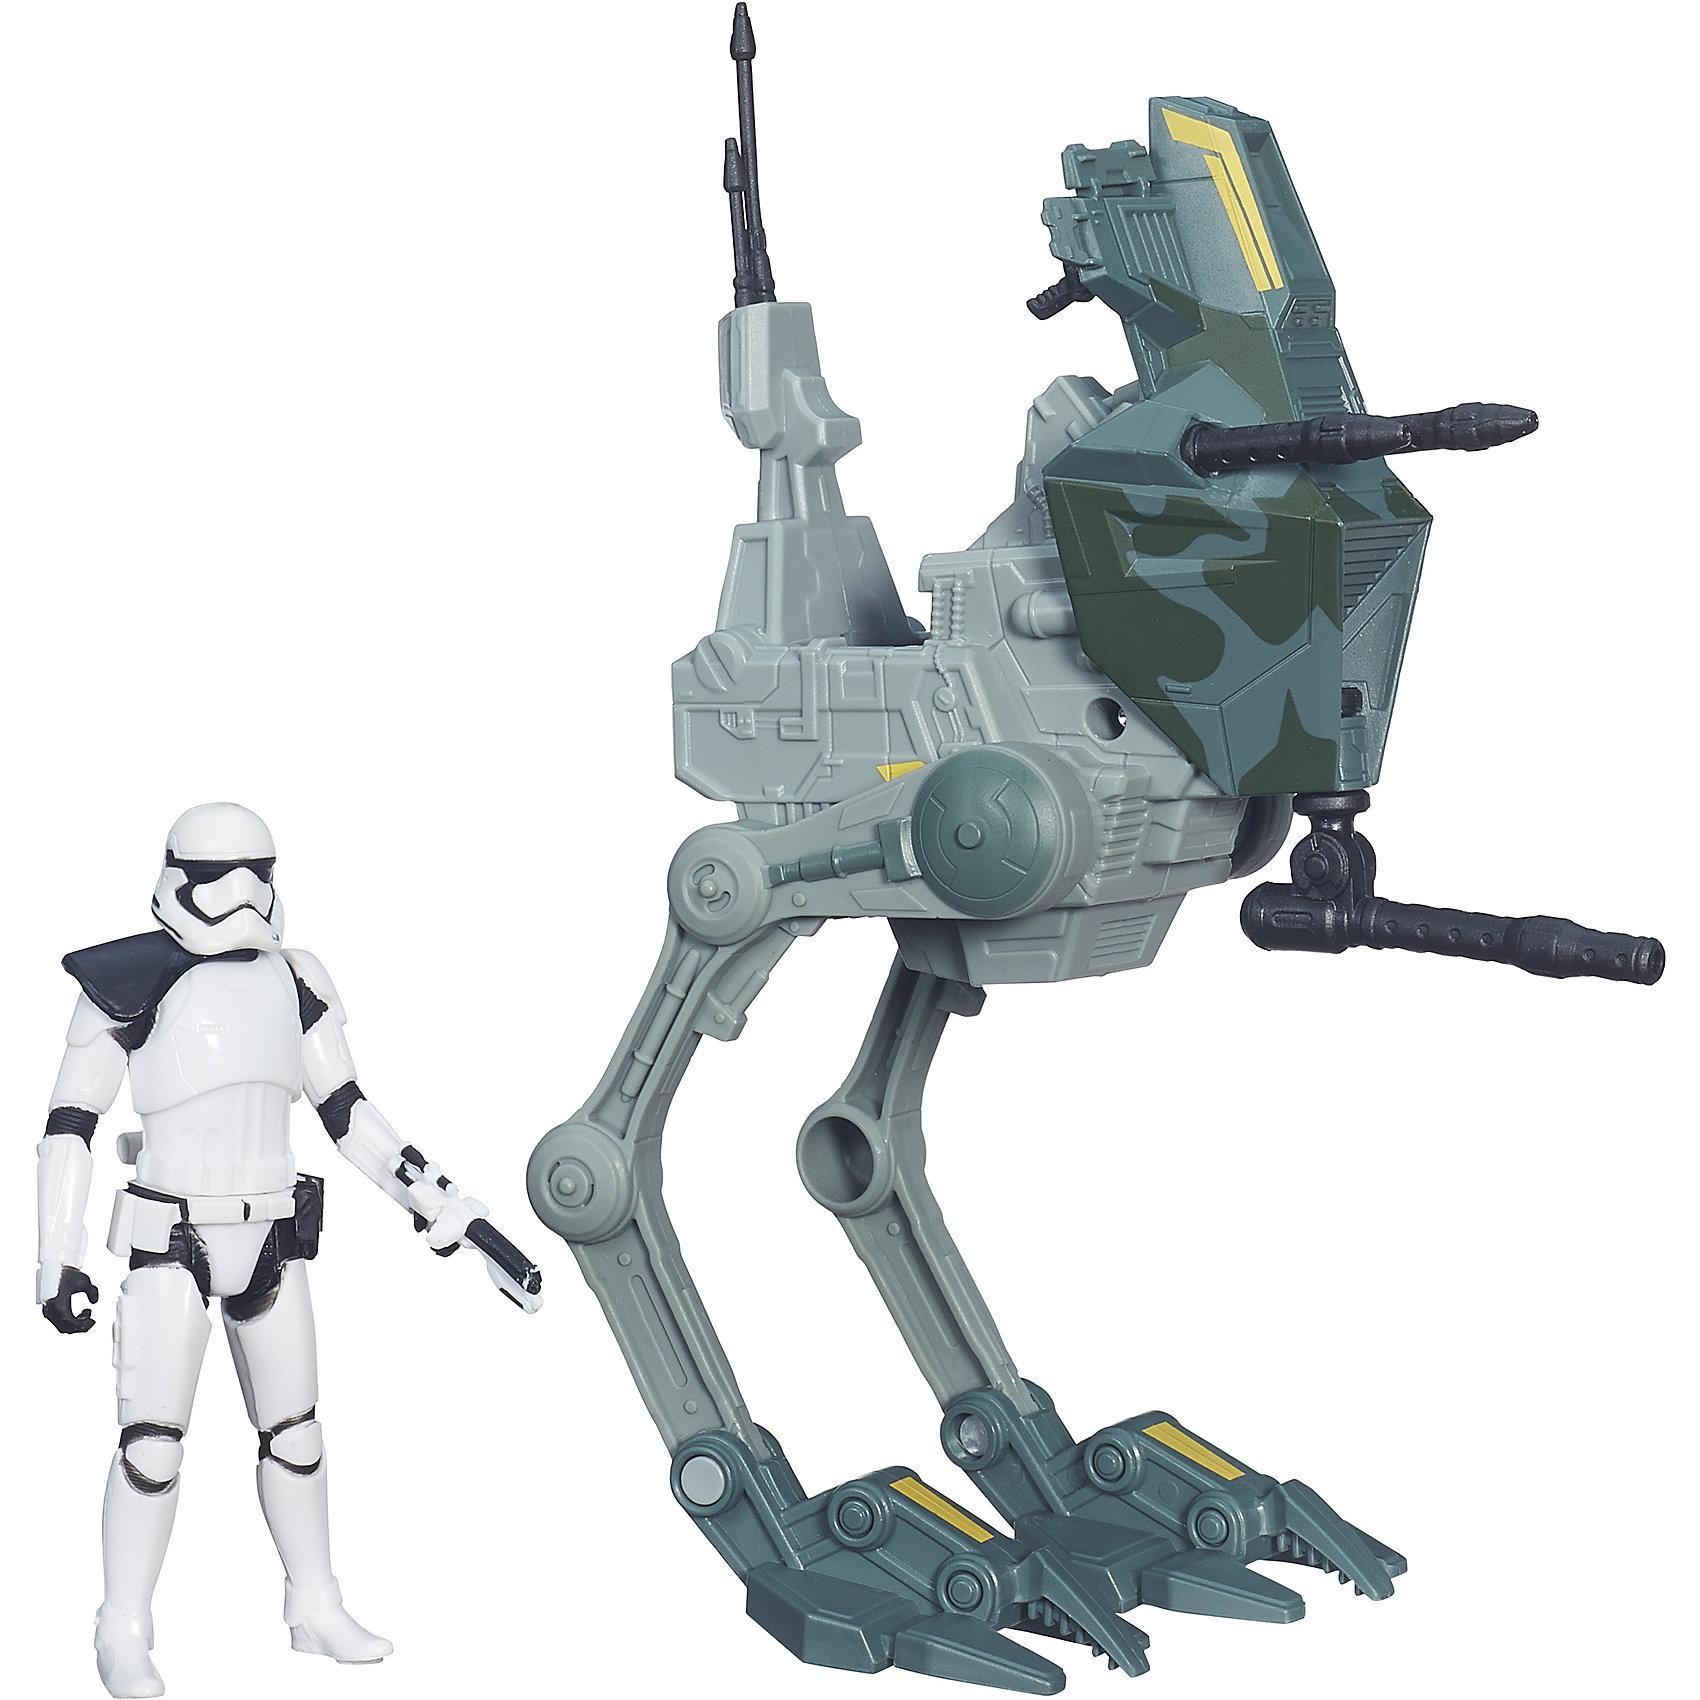 Космический корабль Класс I,  Звездные войны, B3717/B3716Игровые наборы<br>Этот набор приведет в восторг всех поклонников Star Wars. В него входит фигурка штурмовика и функциональный мощный шагоход, который  стремительно штурмует позиции противника и преследует убегающих врагов. Игрушка выполнена из высококачественного пластика, прекрасно детализирована, безопасна для детей. Собери все фигурки серии, открой для себя захватывающие истории борьбы добра со злом в галактике космических кораблей и машин!<br><br>Дополнительная информация:<br><br>- Комплектация: фигурка, шагоход, аксессуары.<br>- Материал: пластик.<br>- Голова, руки, ноги фигурки подвижные. <br>- Размер фигурки: 9,5 см.<br>- Размер упаковки: 29,7,5х22 см. <br><br>Набор Космический корабль Класс I,  Звездные войны (Star Wars) можно купить в нашем магазине.<br><br>Ширина мм: 83<br>Глубина мм: 294<br>Высота мм: 228<br>Вес г: 261<br>Возраст от месяцев: 36<br>Возраст до месяцев: 192<br>Пол: Мужской<br>Возраст: Детский<br>SKU: 4563911